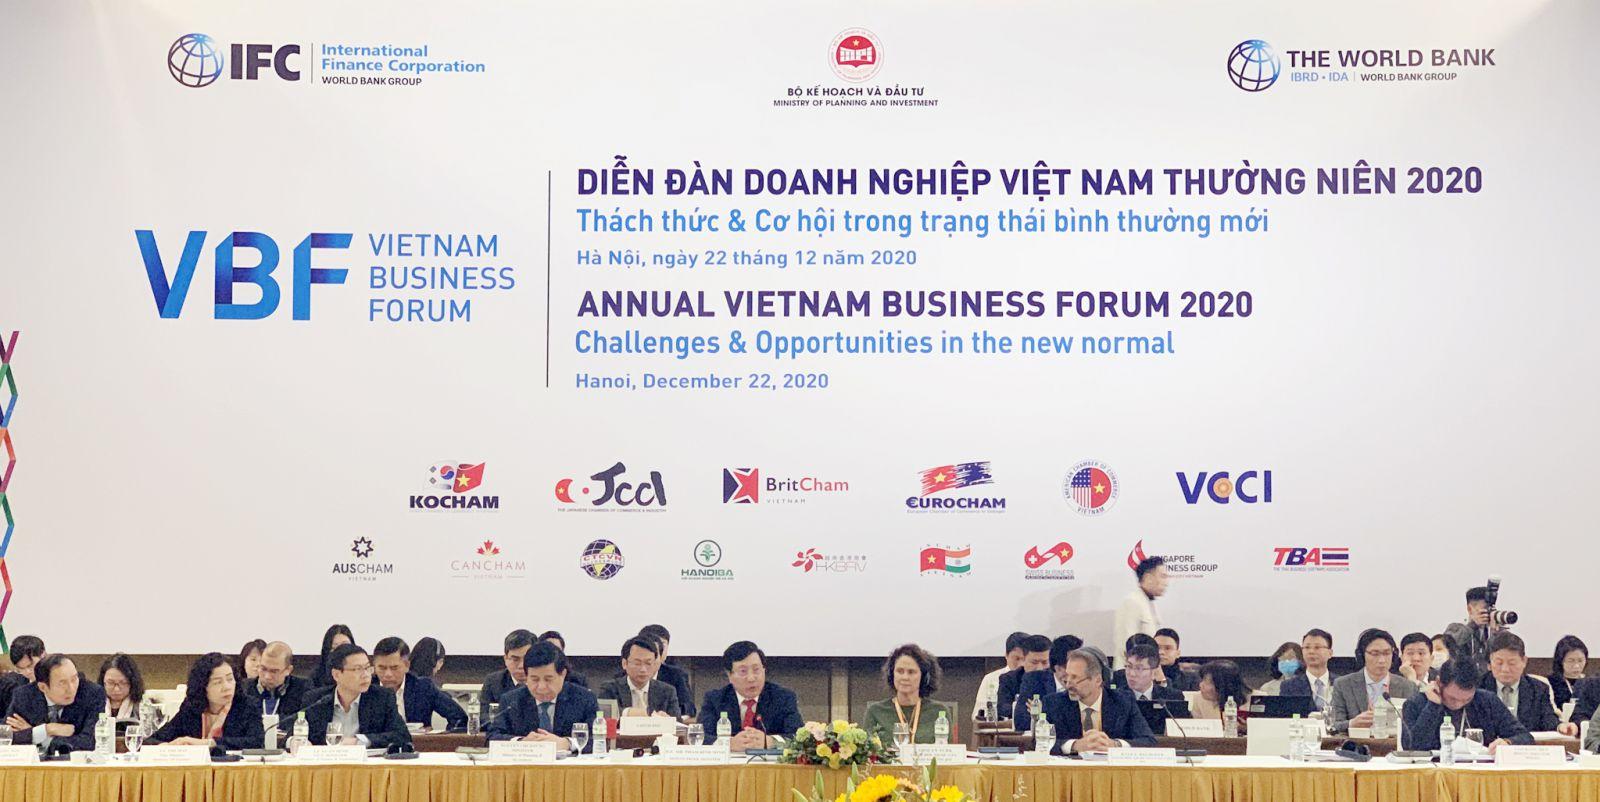 Diễn đàn Doanh nghiệp Việt Nam thường niên 2020